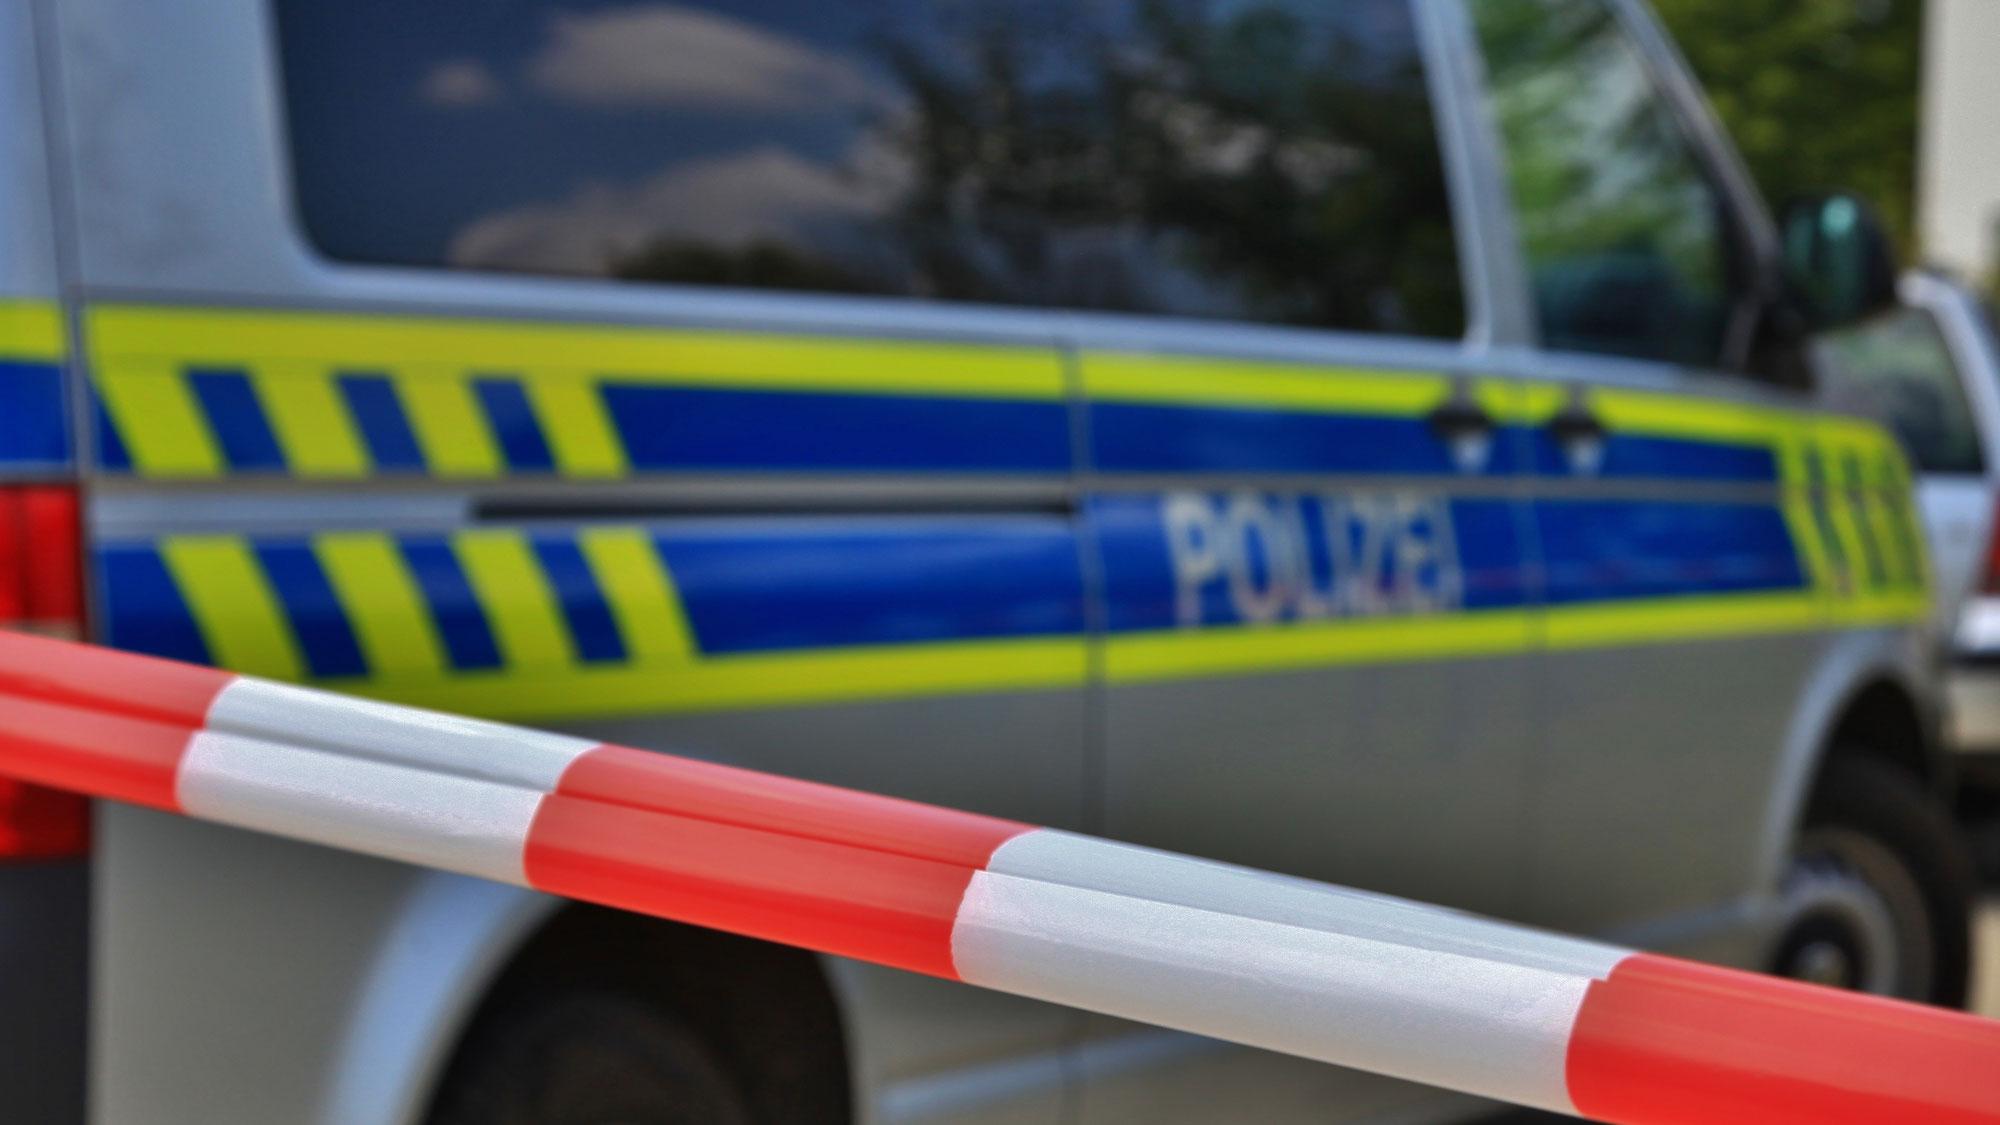 Zeugenaufruf nach Diebstahl bei einem Optiker in Bernburg